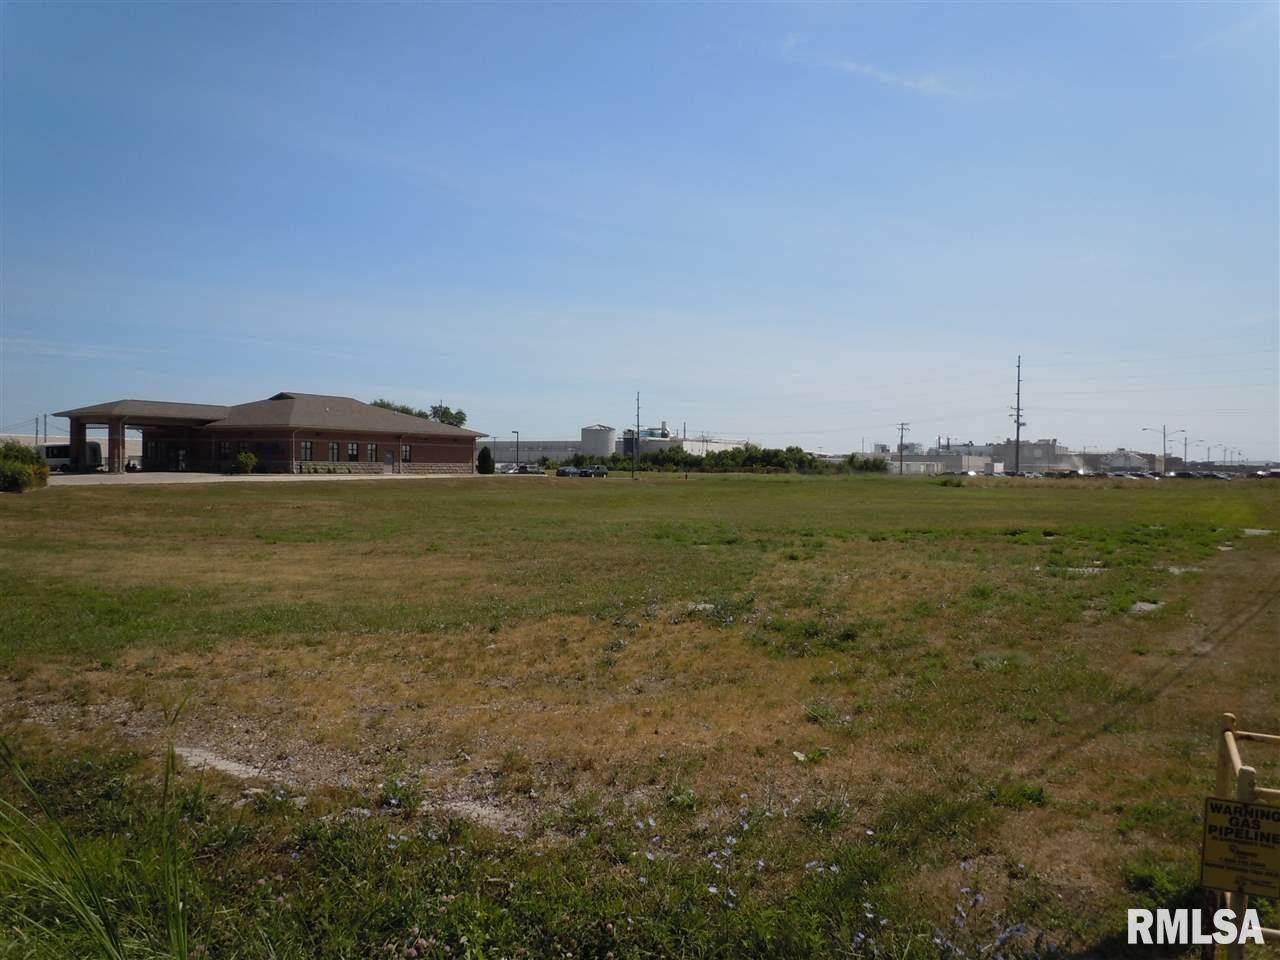 Lot 2 Main - Photo 1